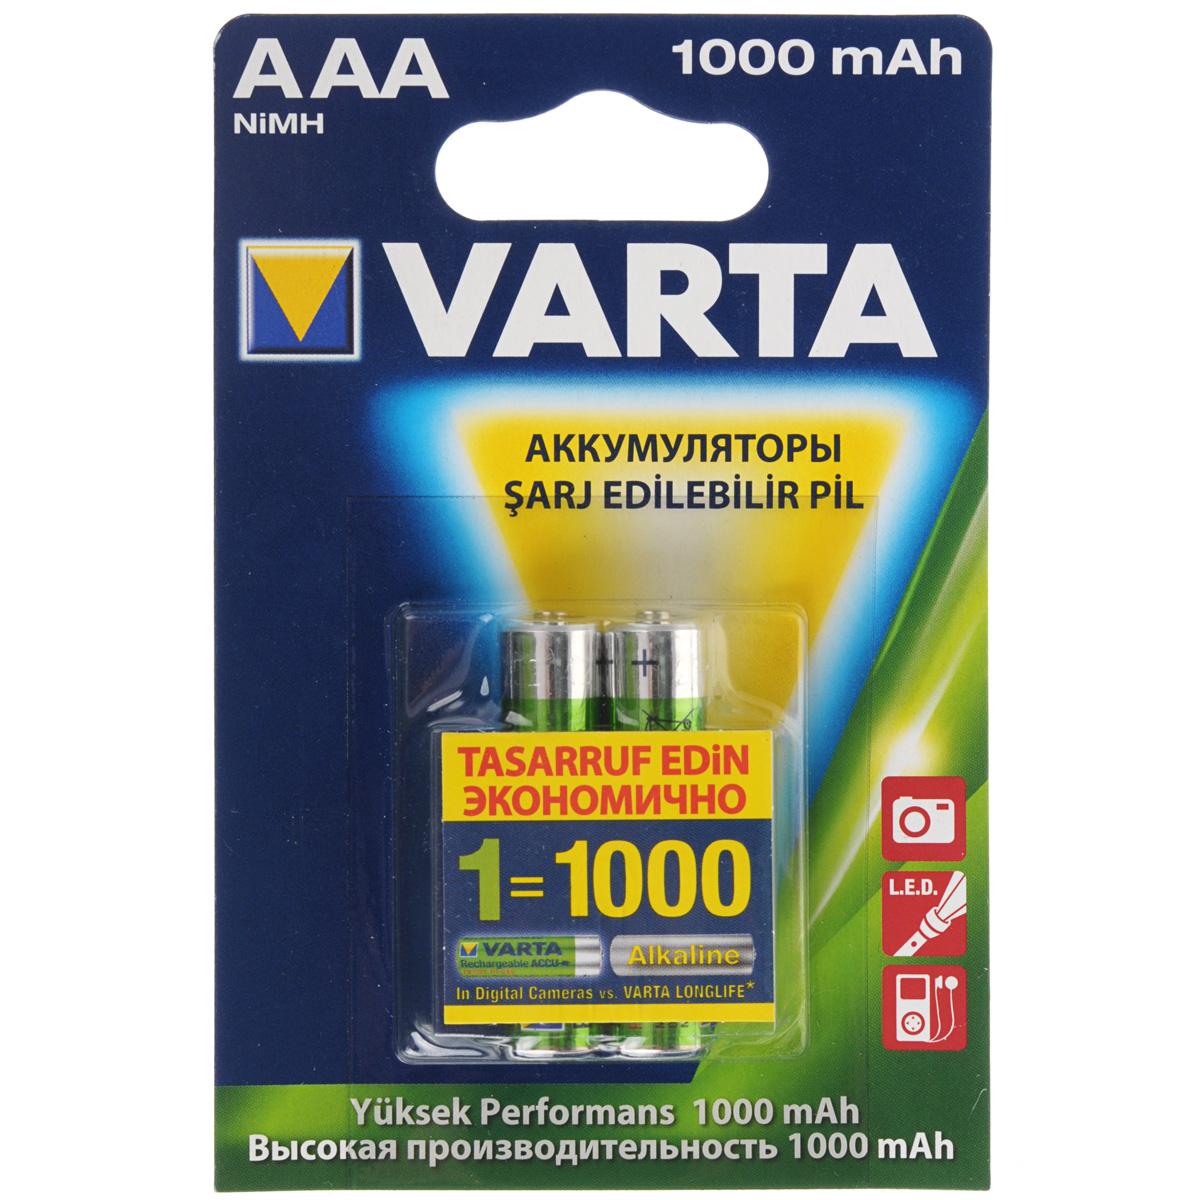 Аккумулятор Varta Ready2Use, тип ААА, 1000 мАч, 2 шт38681Аккумуляторы Varta Ready2Use обеспечивают продолжительную работу всем стандартным устройствам. Во время хранения большая часть мощности у обыкновенных аккумуляторов сокращается, но аккумуляторы Varta с технологией Ready2Use обеспечивают сохранение мощности. Во время хранения аккумуляторы сохраняют 75% зарядки в течение года после последней зарядки. Аккумуляторы Varta Ready2Use могут использоваться со всеми стандартными зарядными устройствами.